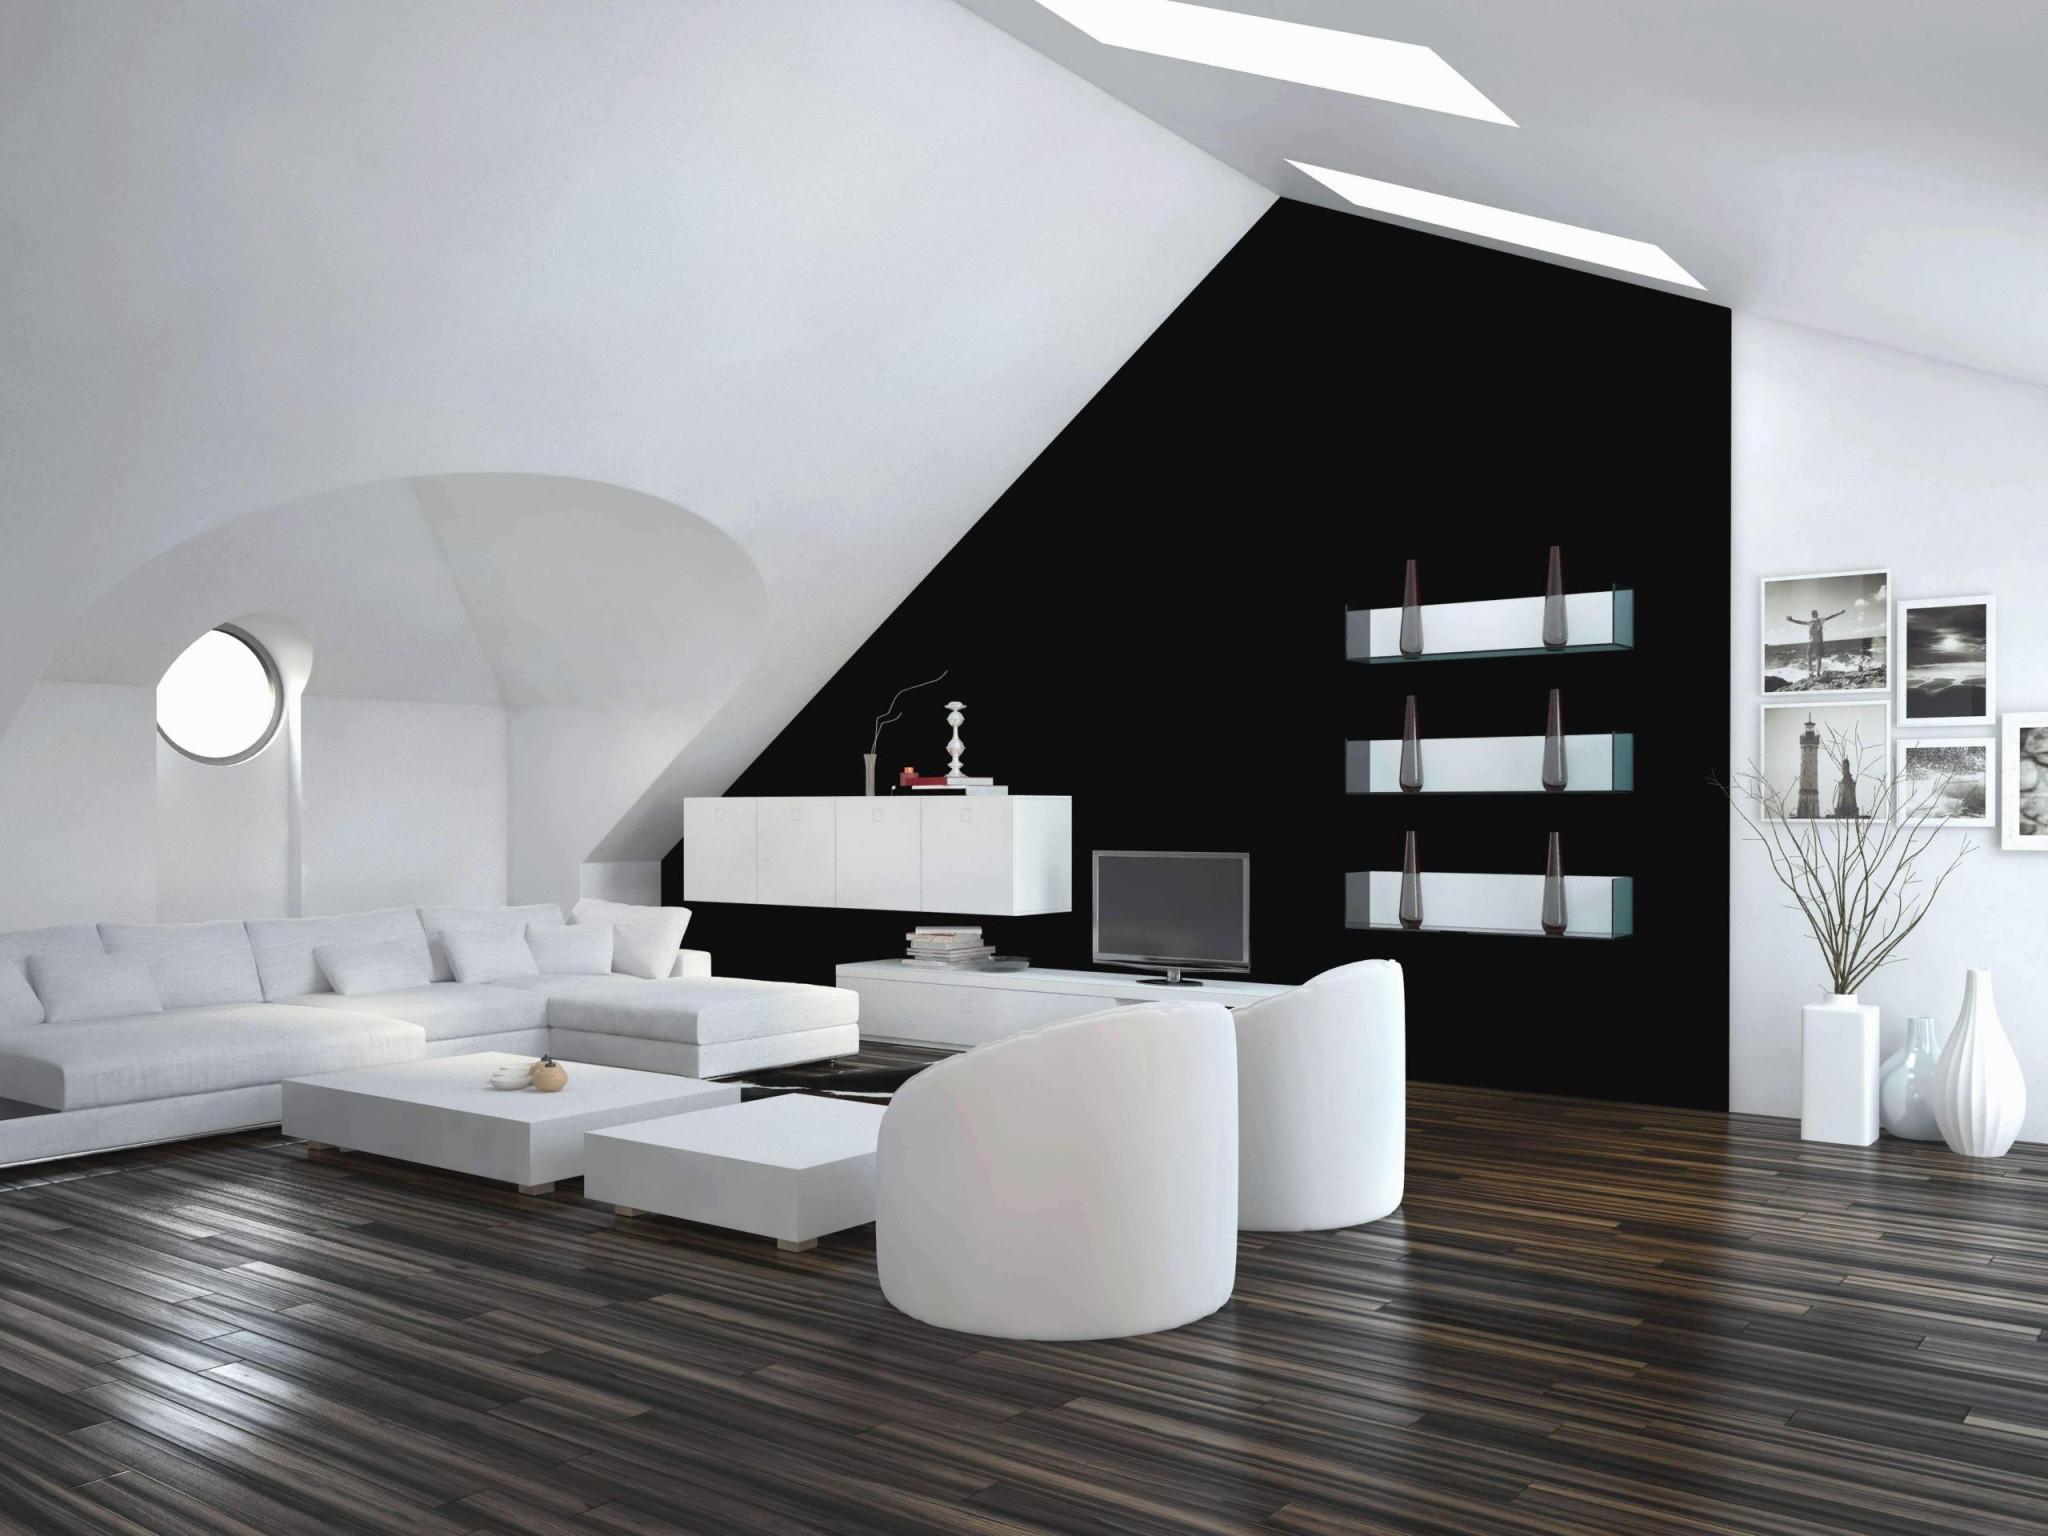 Wohnzimmer Deko Ideen Holz – Caseconrad von Wohnzimmer Holz Ideen Bild